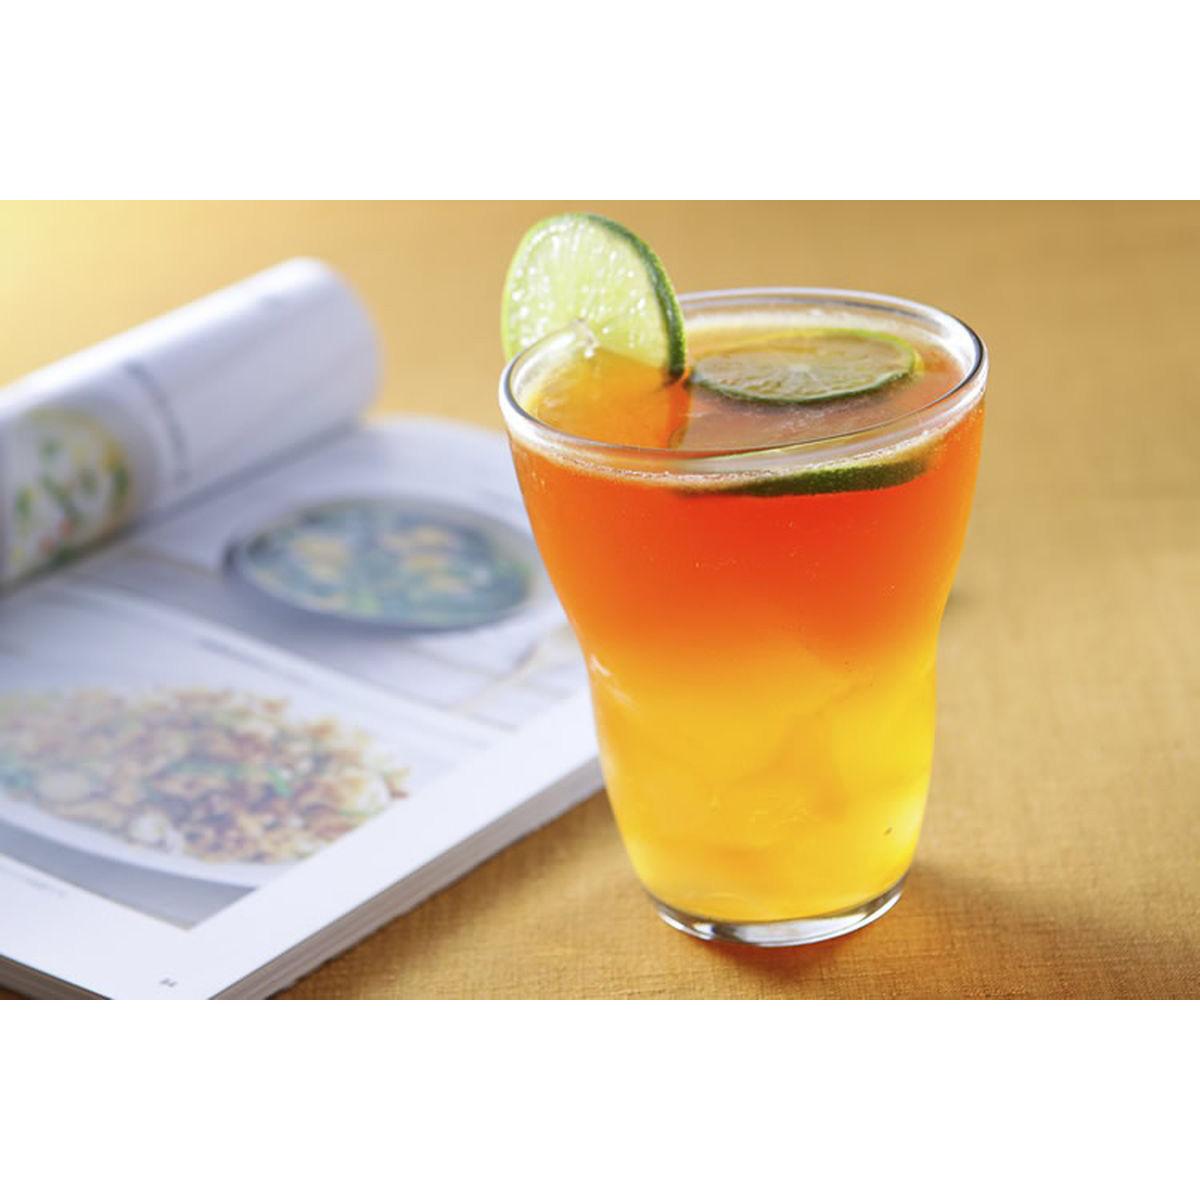 食譜:愛玉檸檬紅茶